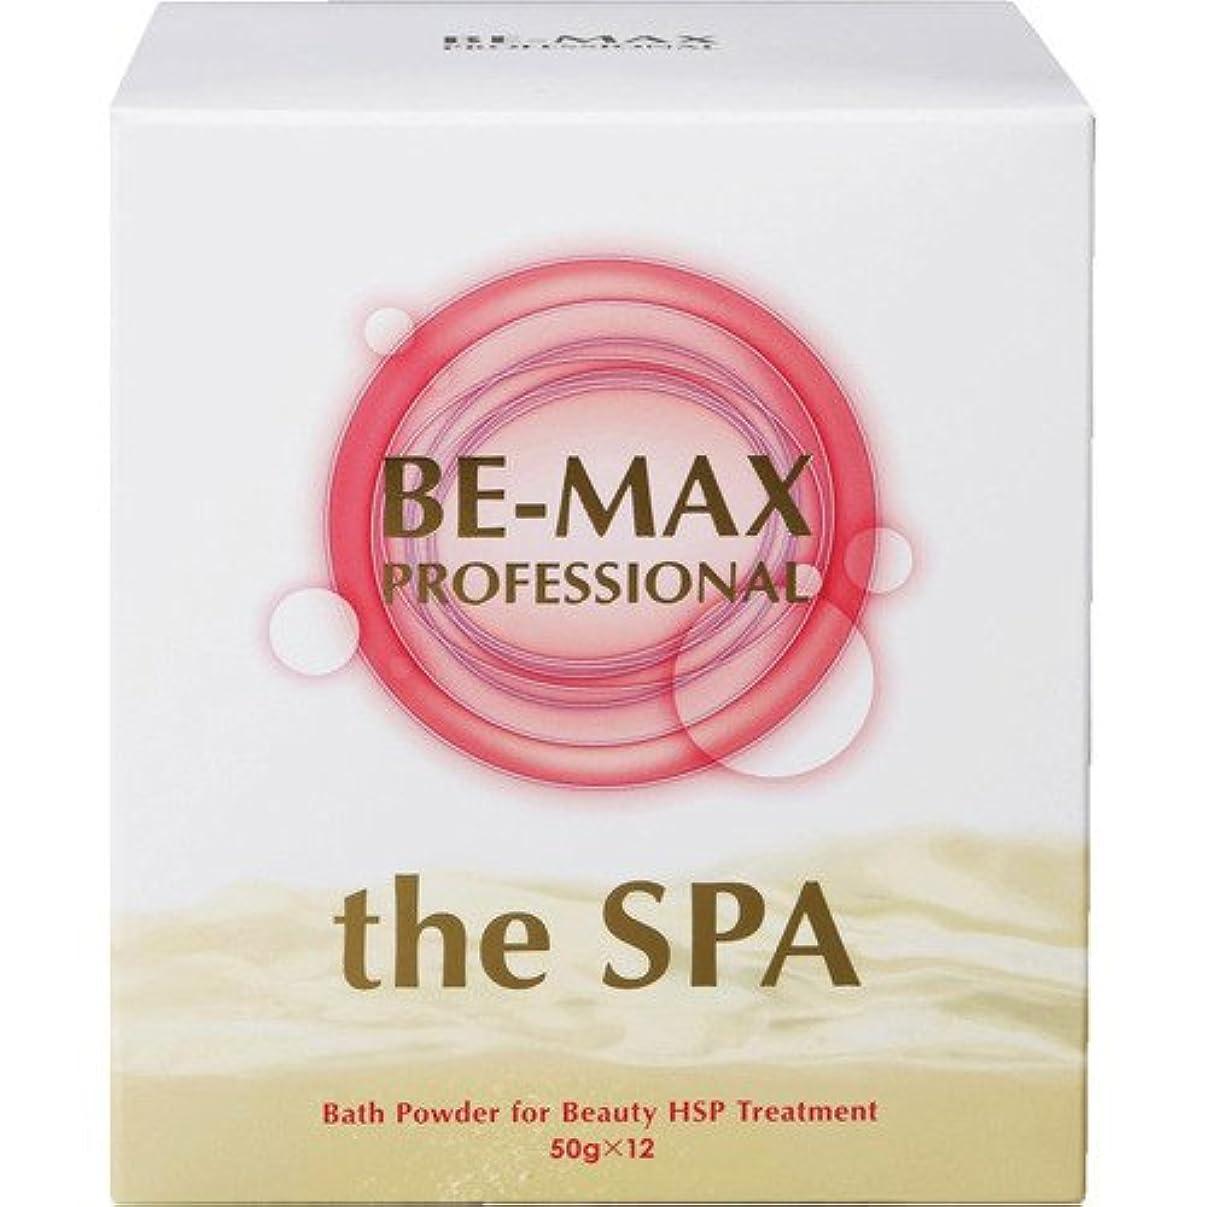 手のひら優雅な泣いているBE-MAX the SPA 入浴剤 柑橘系ハーブ精油がふわりと香る微炭酸湯